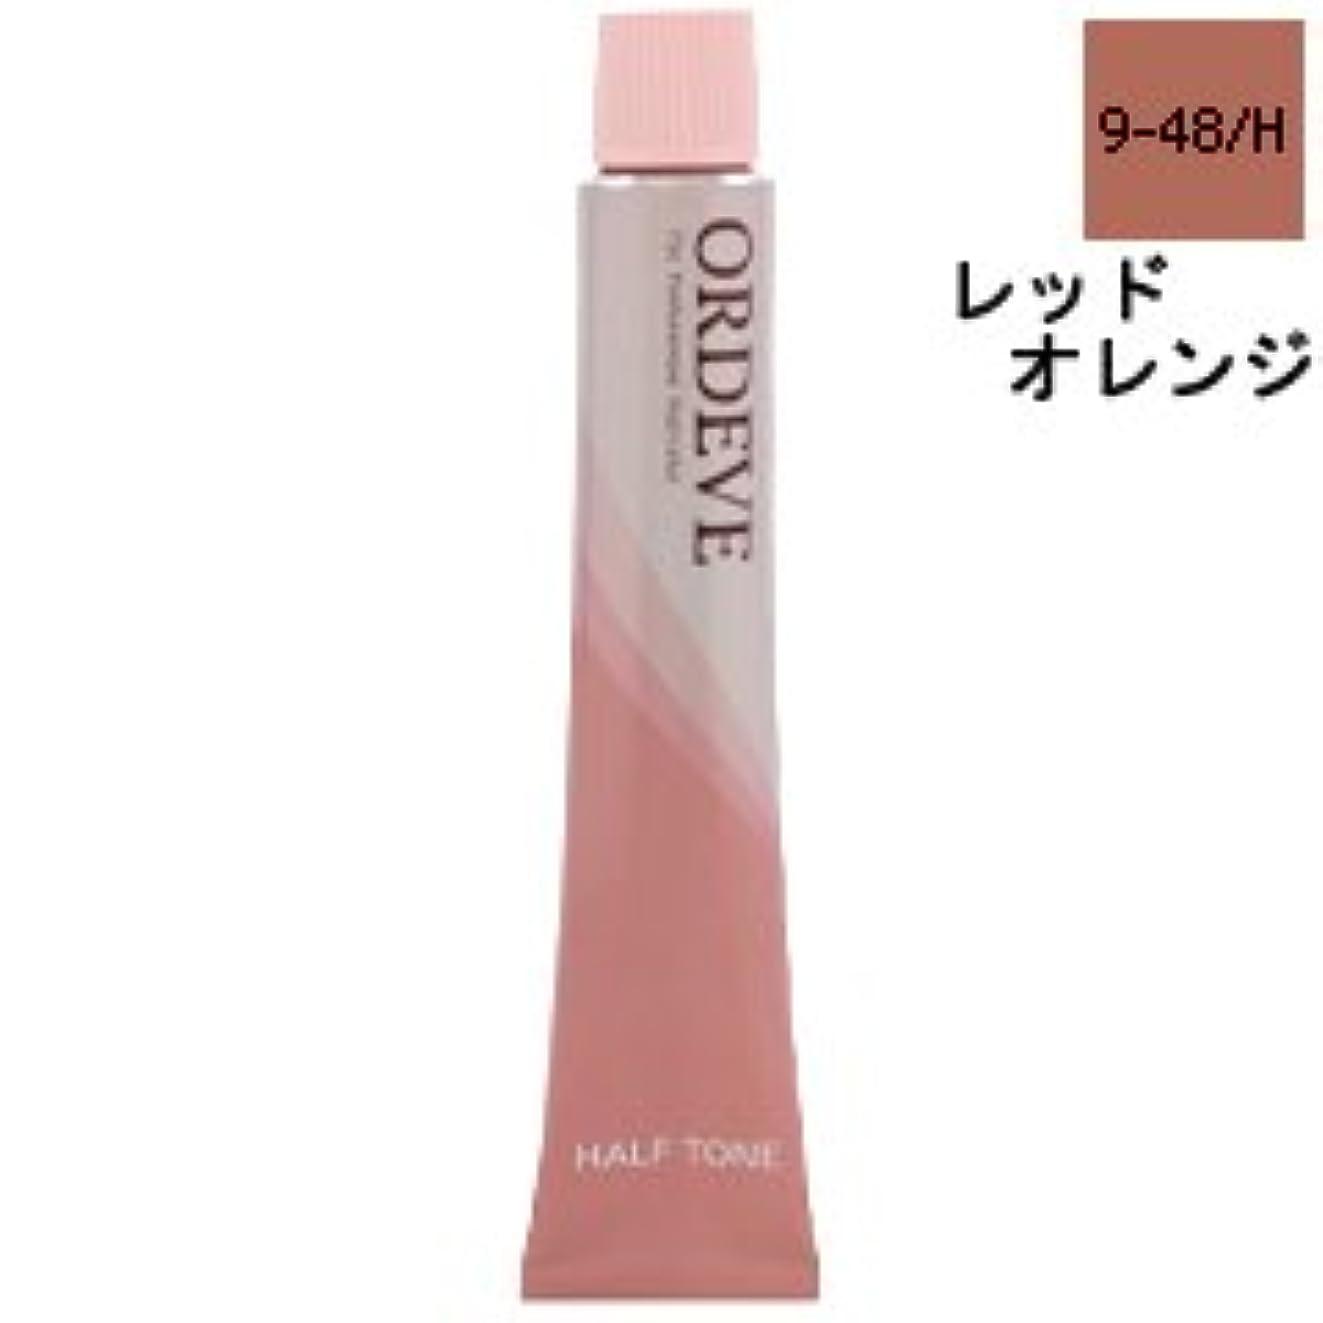 回転させるコンバーチブルお茶【ミルボン】オルディーブ ハーフトーン #09-48/H レッドオレンジ 80g